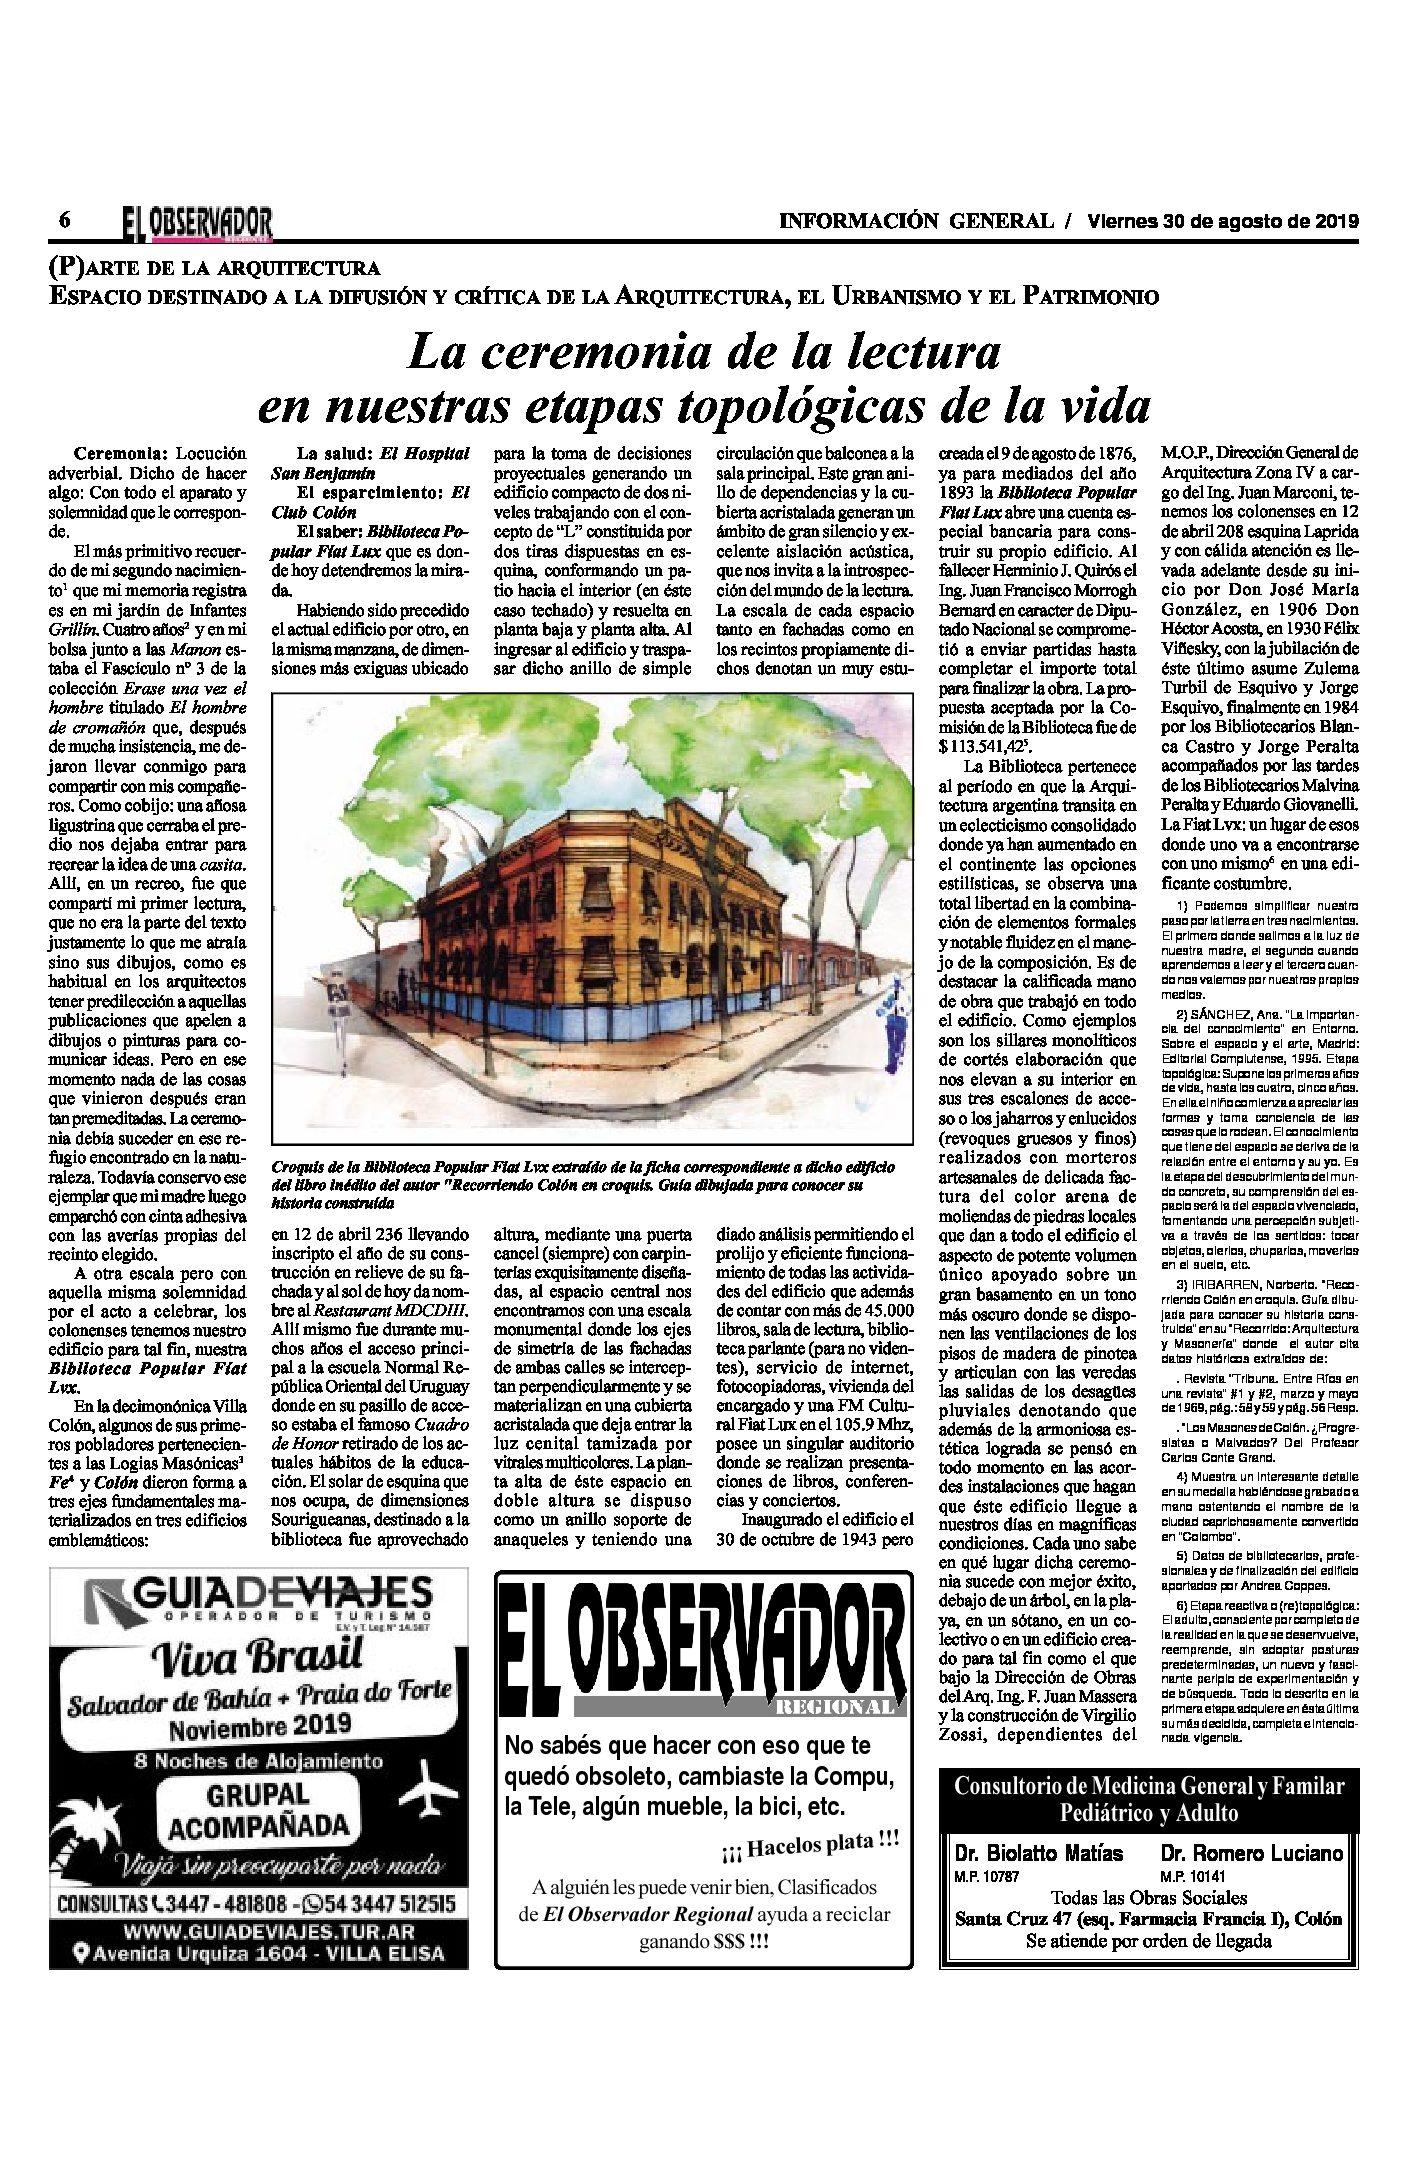 (P)ARTE DE LA ARQUITECTURA. ESPACIO DESTINADO A LA DIFUSIÓN Y CRÍTICA DE LA ARQUITECTURA, EL URBANISMO Y EL PATRIMONIO.